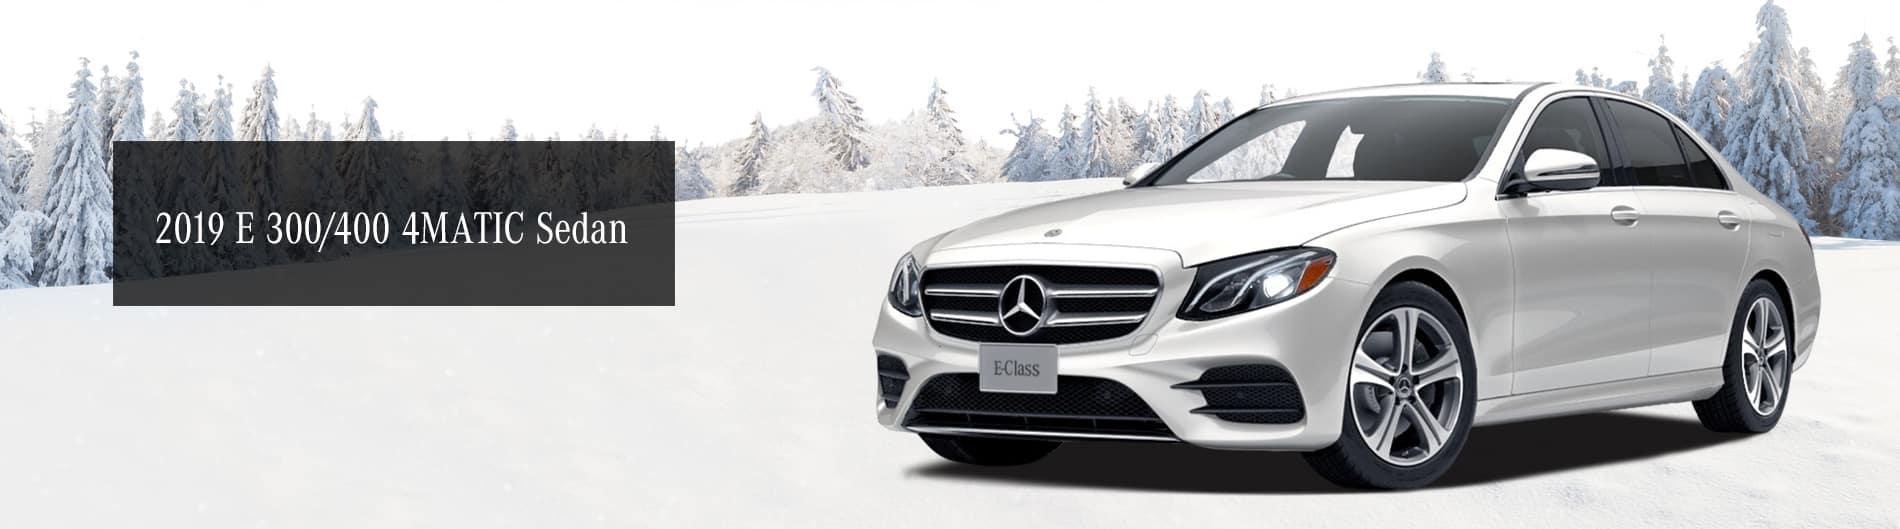 12 2018 Nc 2019 E 300 4matic Sedan Mercedes Benz Richmond Cl 450